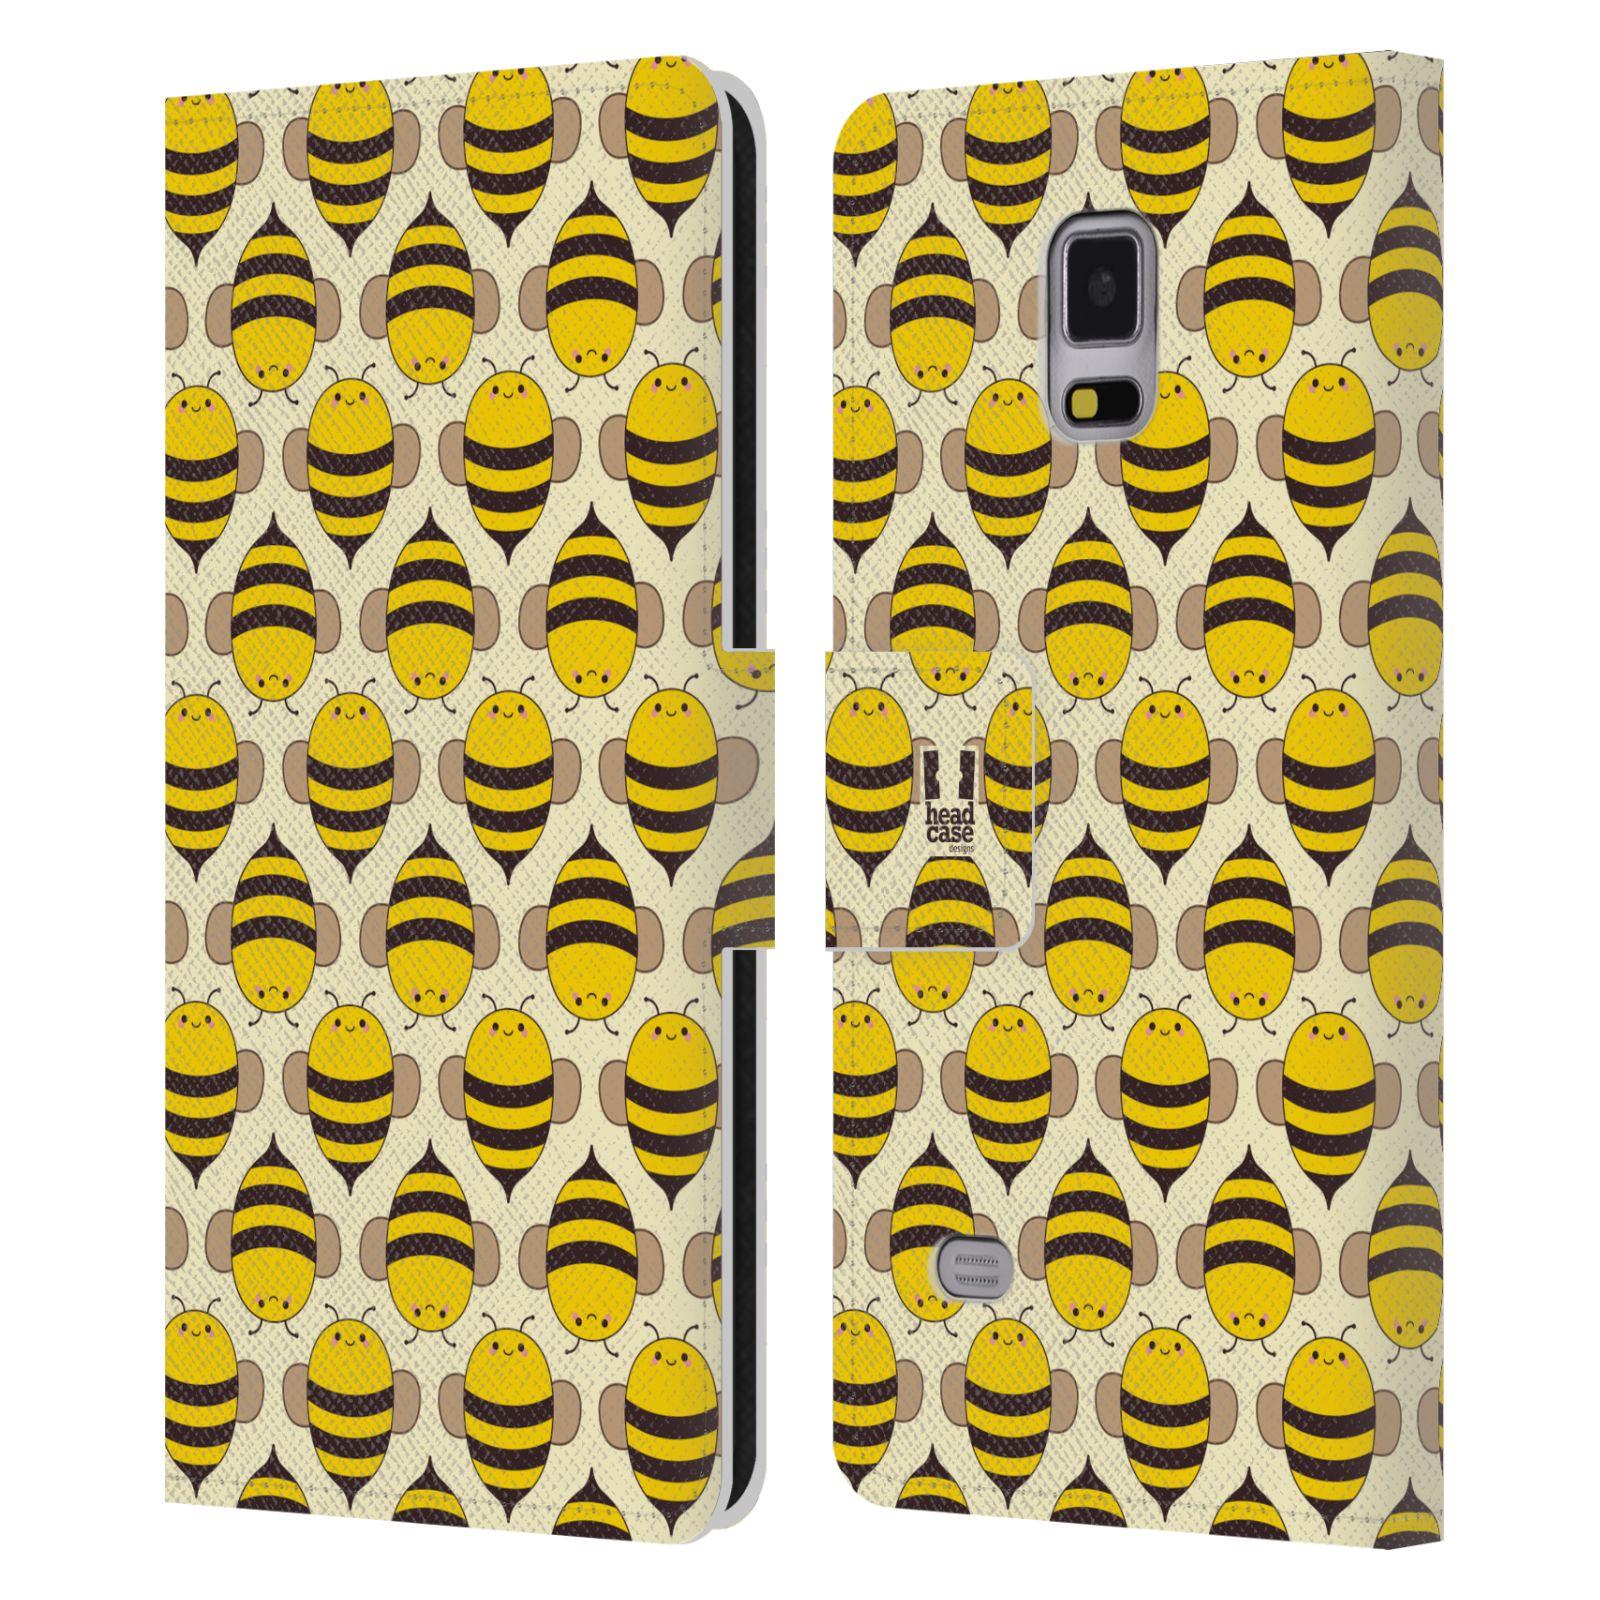 HEAD CASE Flipové pouzdro pro mobil Samsung Galaxy Note 4 VČELÍ VZOR kolonie včelek